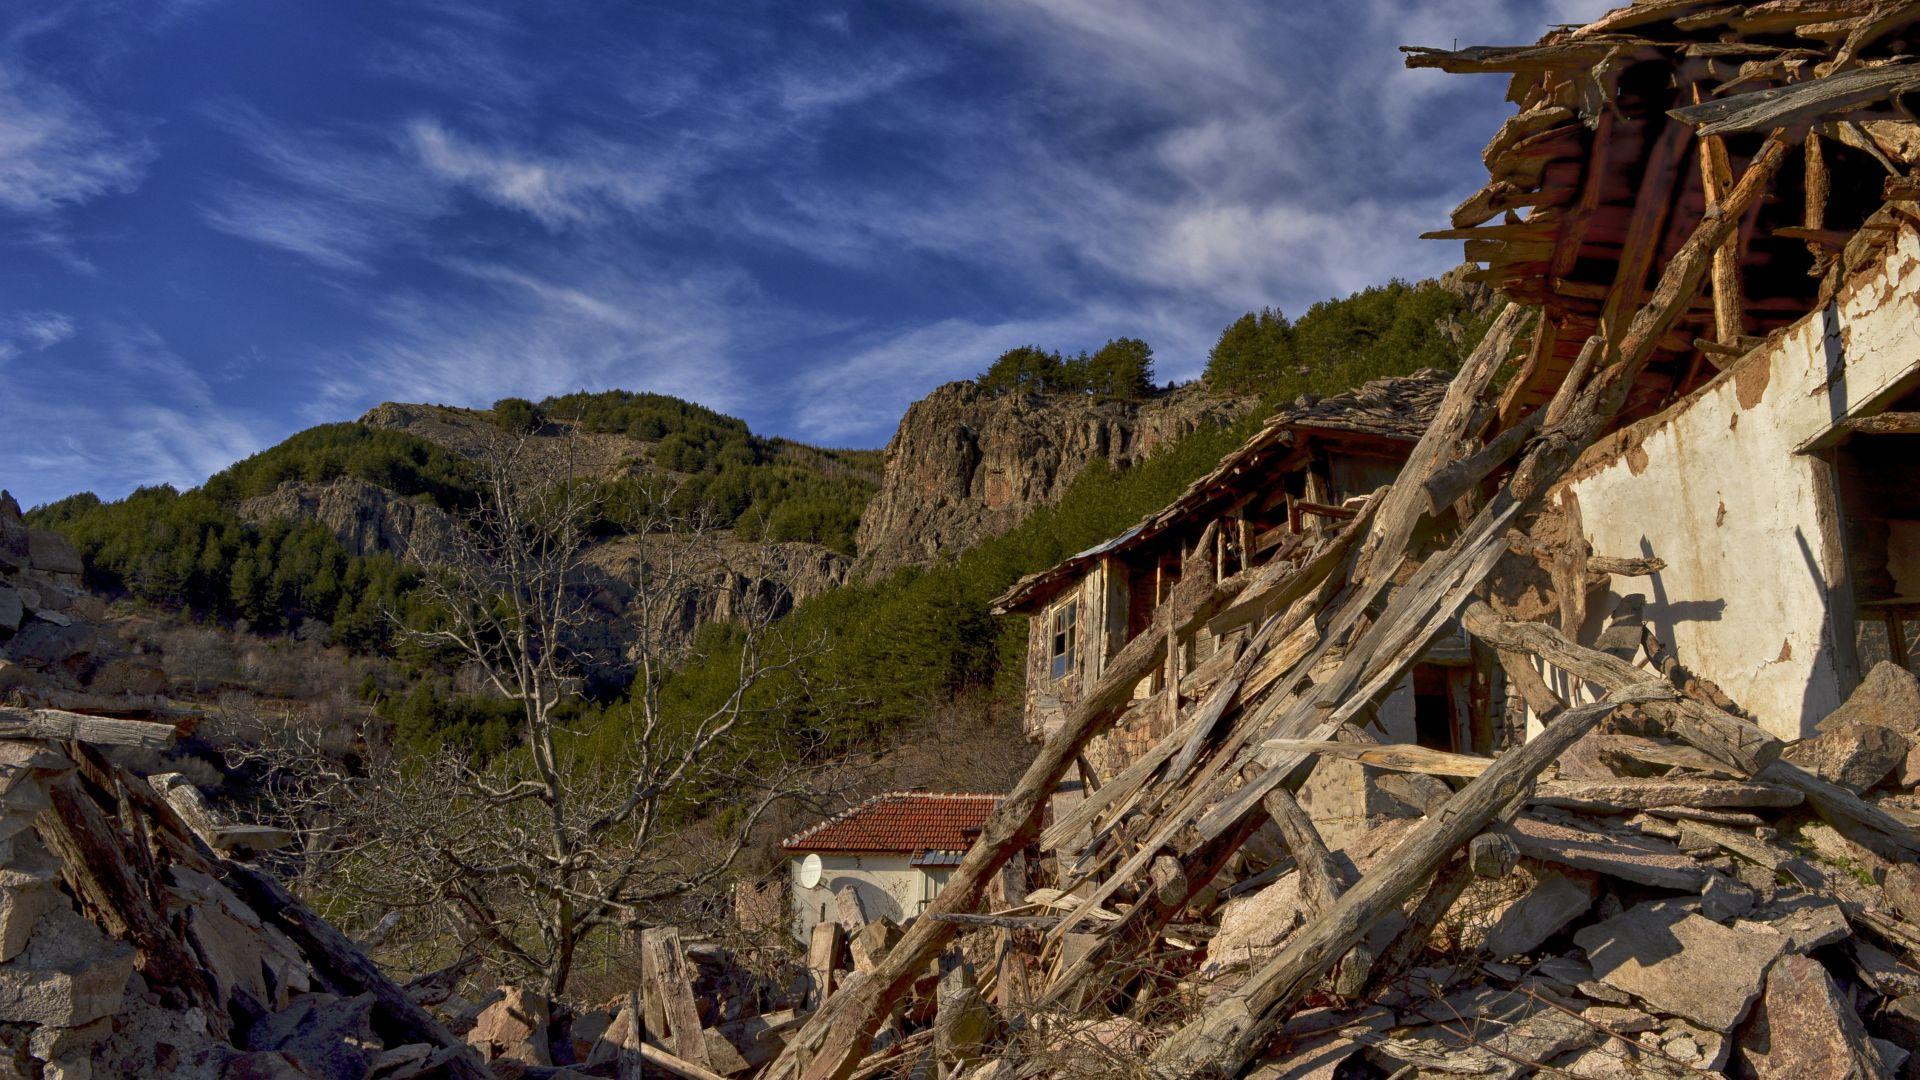 Намиращото се на 900 метра надморрска височина село Безводно е доста обезлюдено